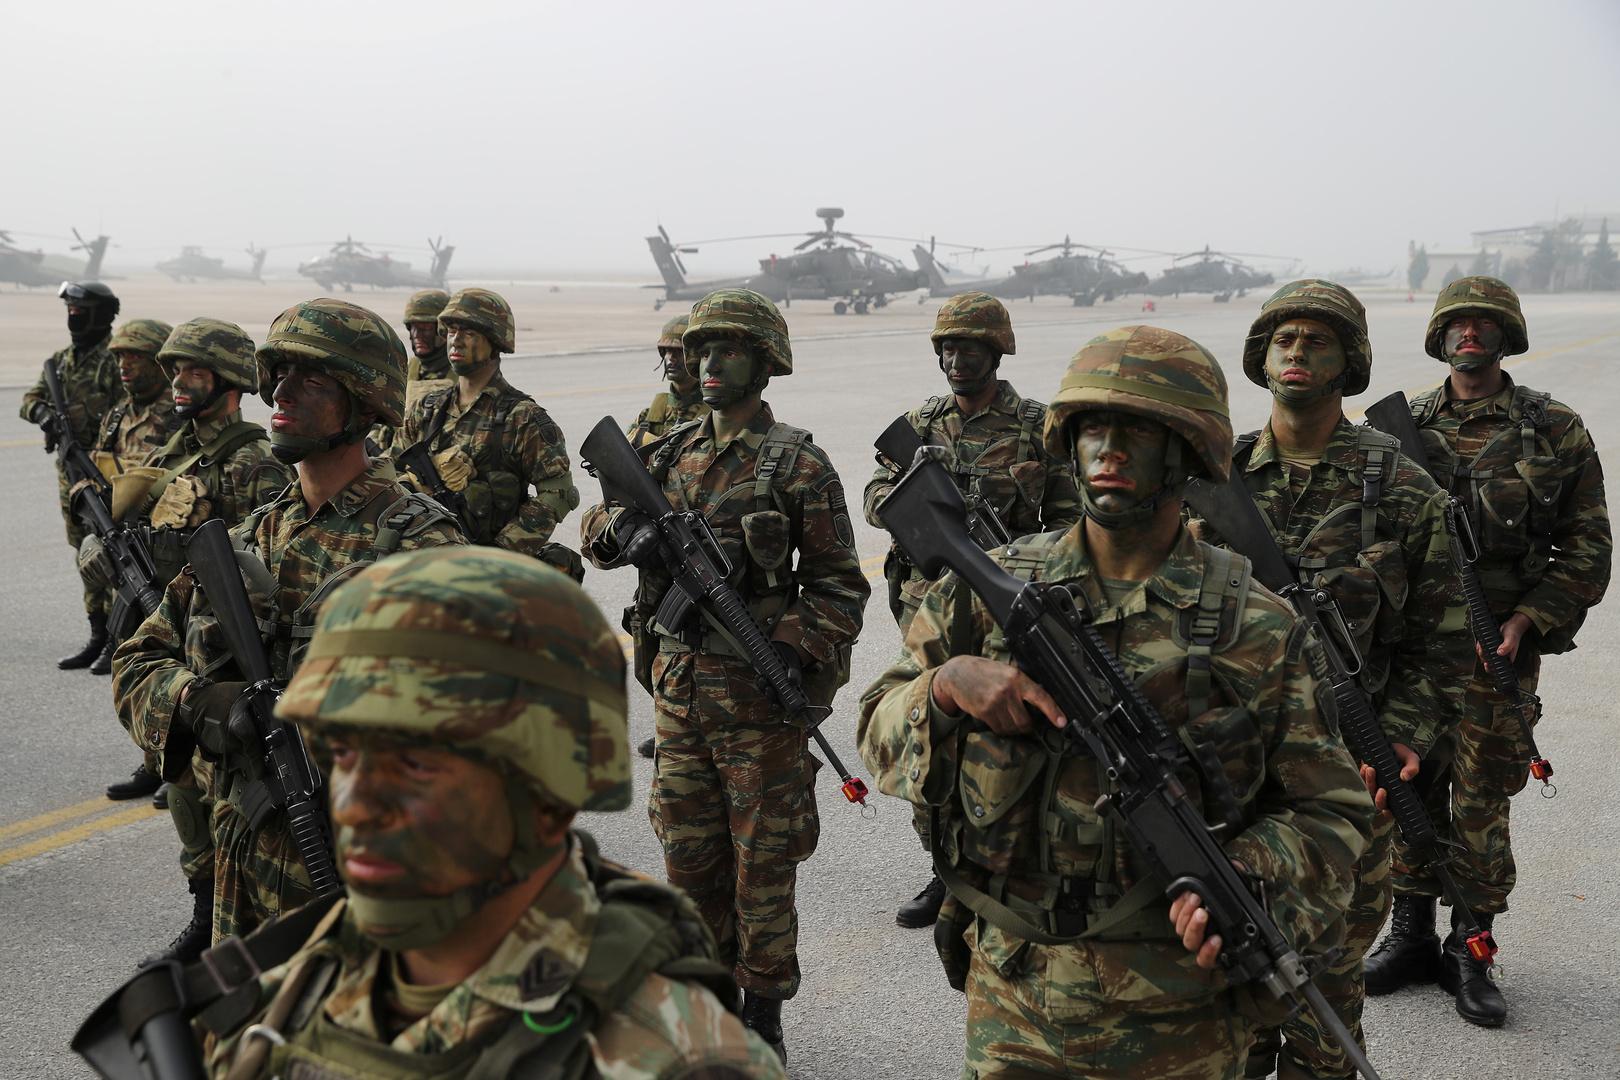 وسائل إعلام: استنفار الجيش اليوناني قبيل تدريبات تركية في شرق المتوسط